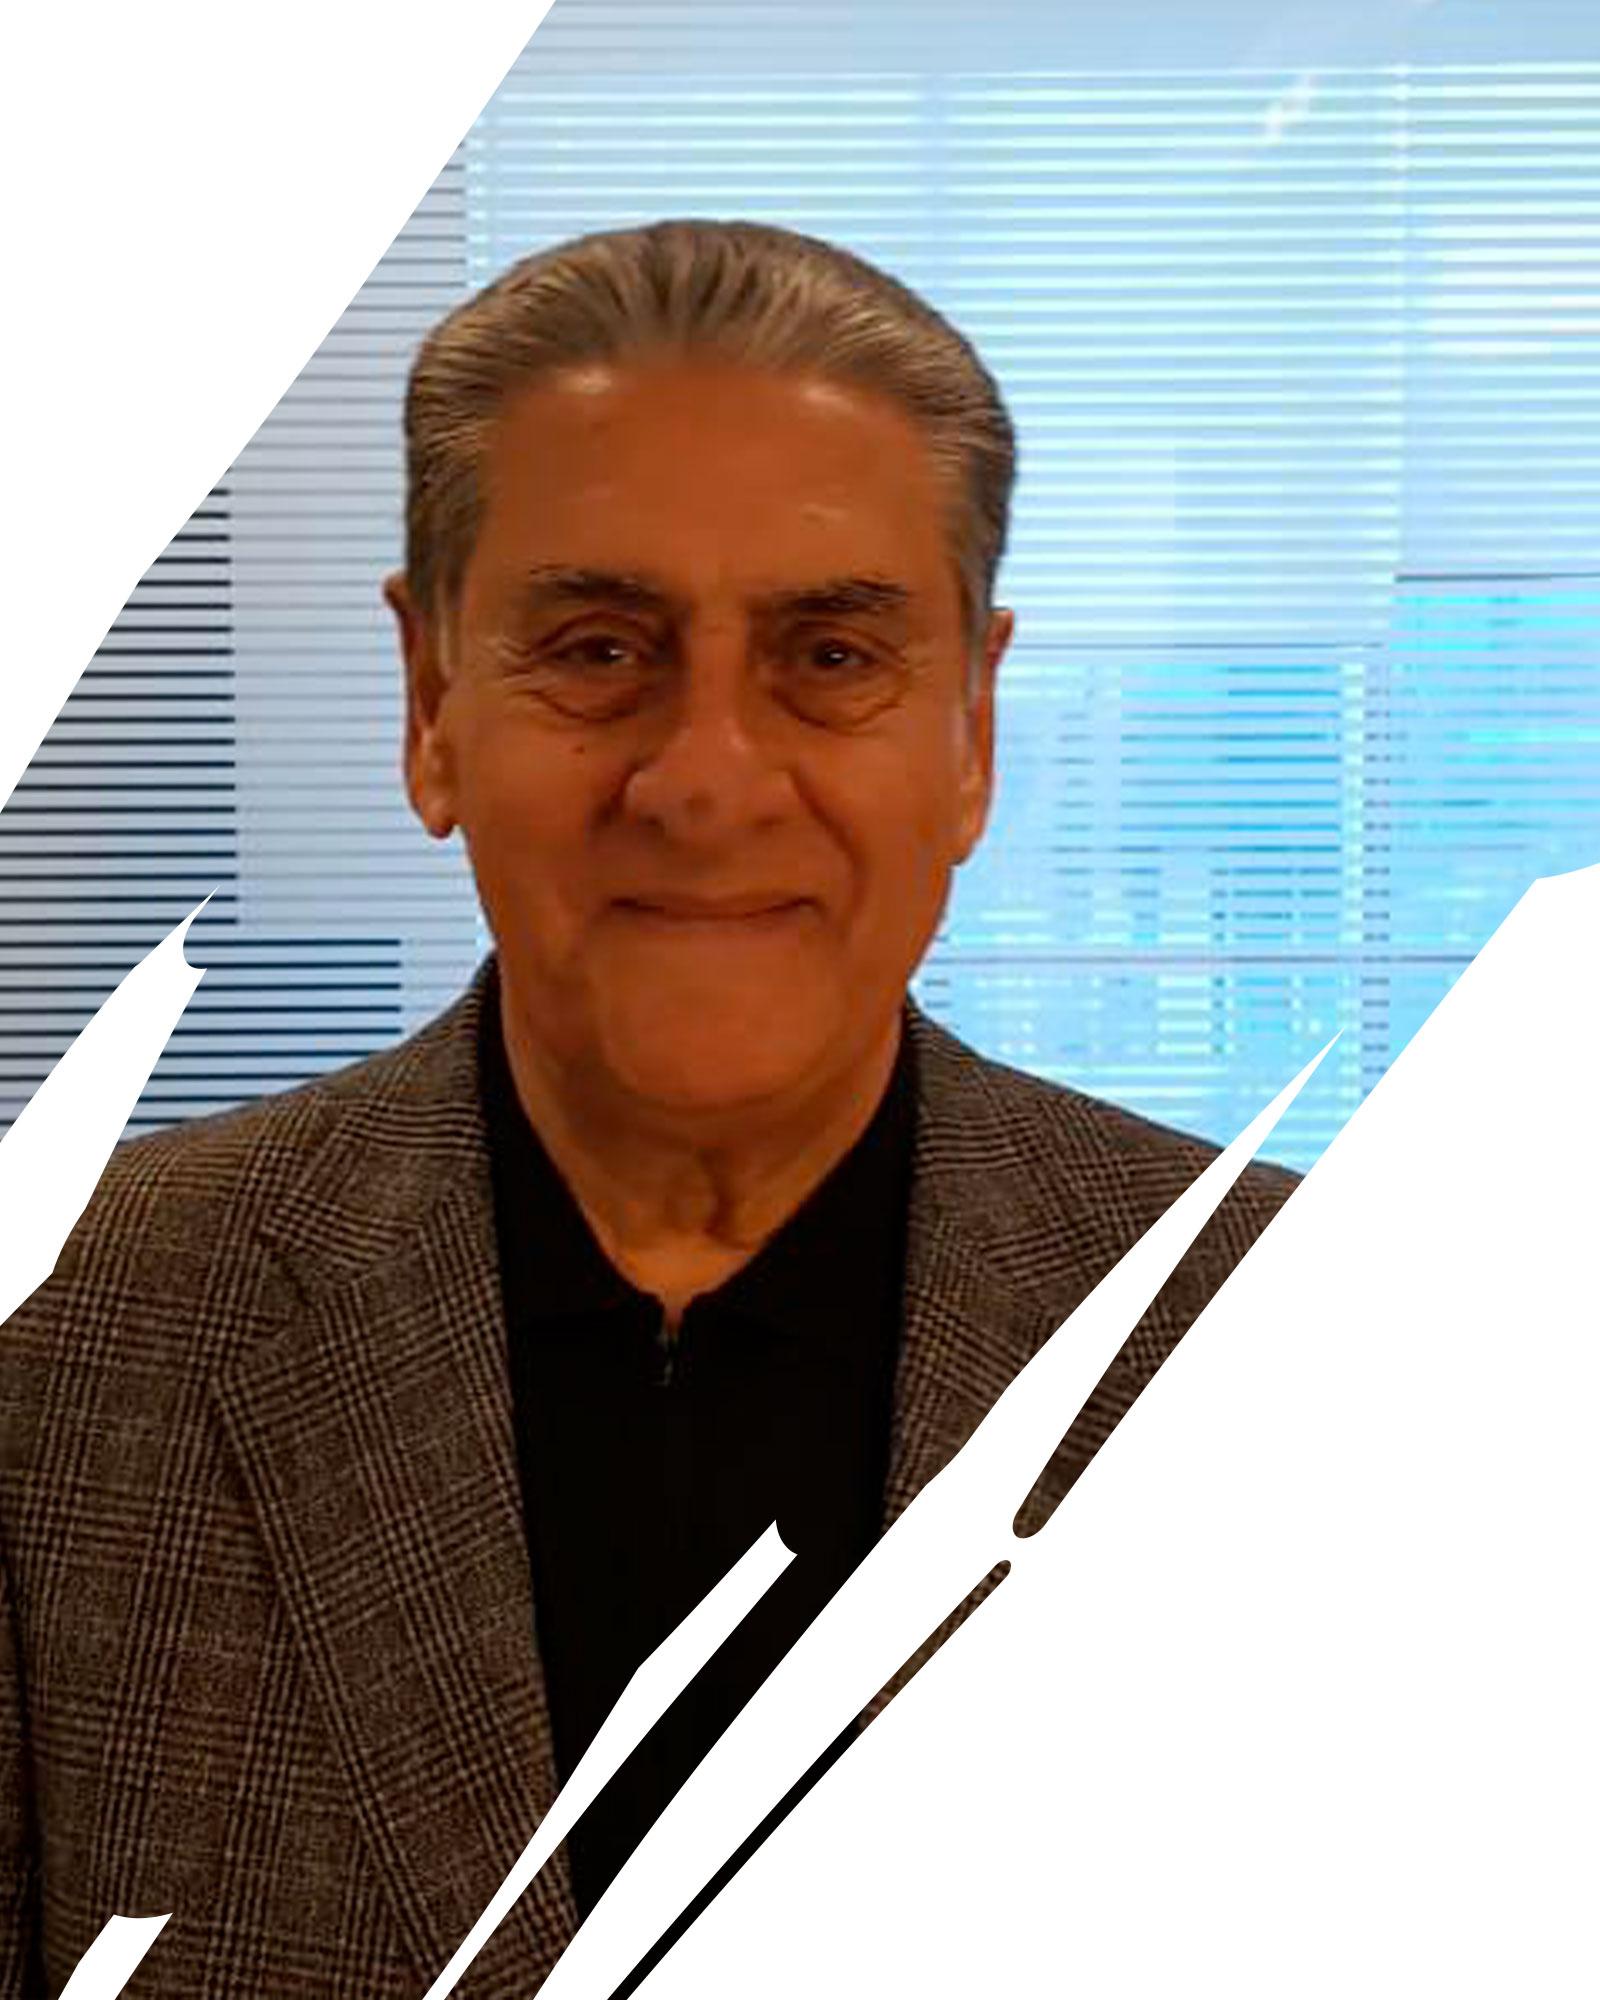 ABDEL ALIM NAWARA